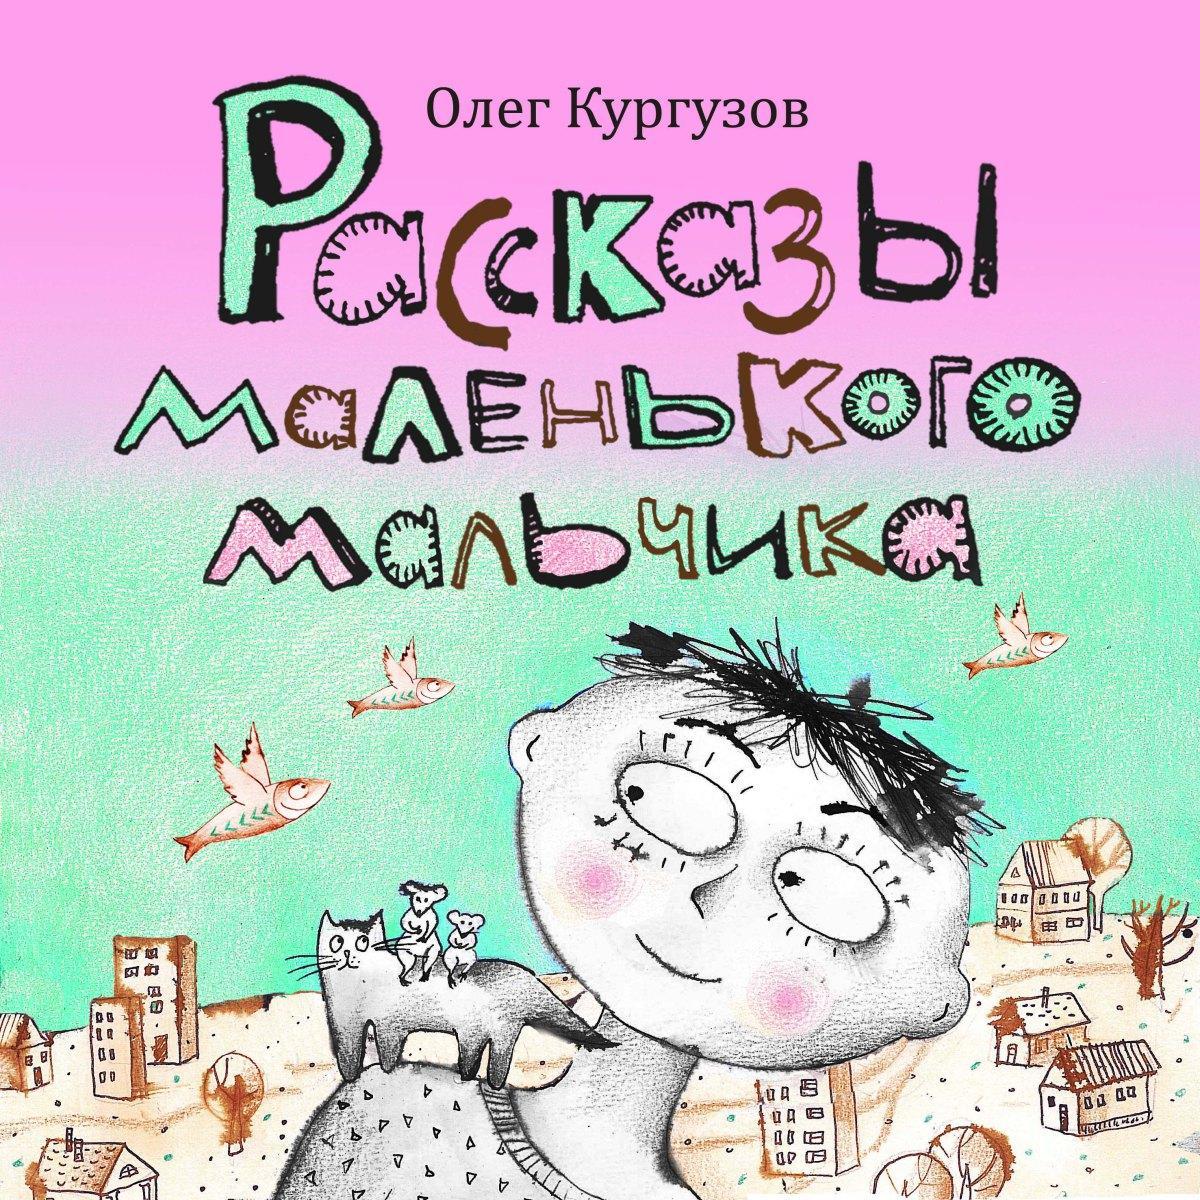 Рассказы маленького мальчика (Олег Кургузов)